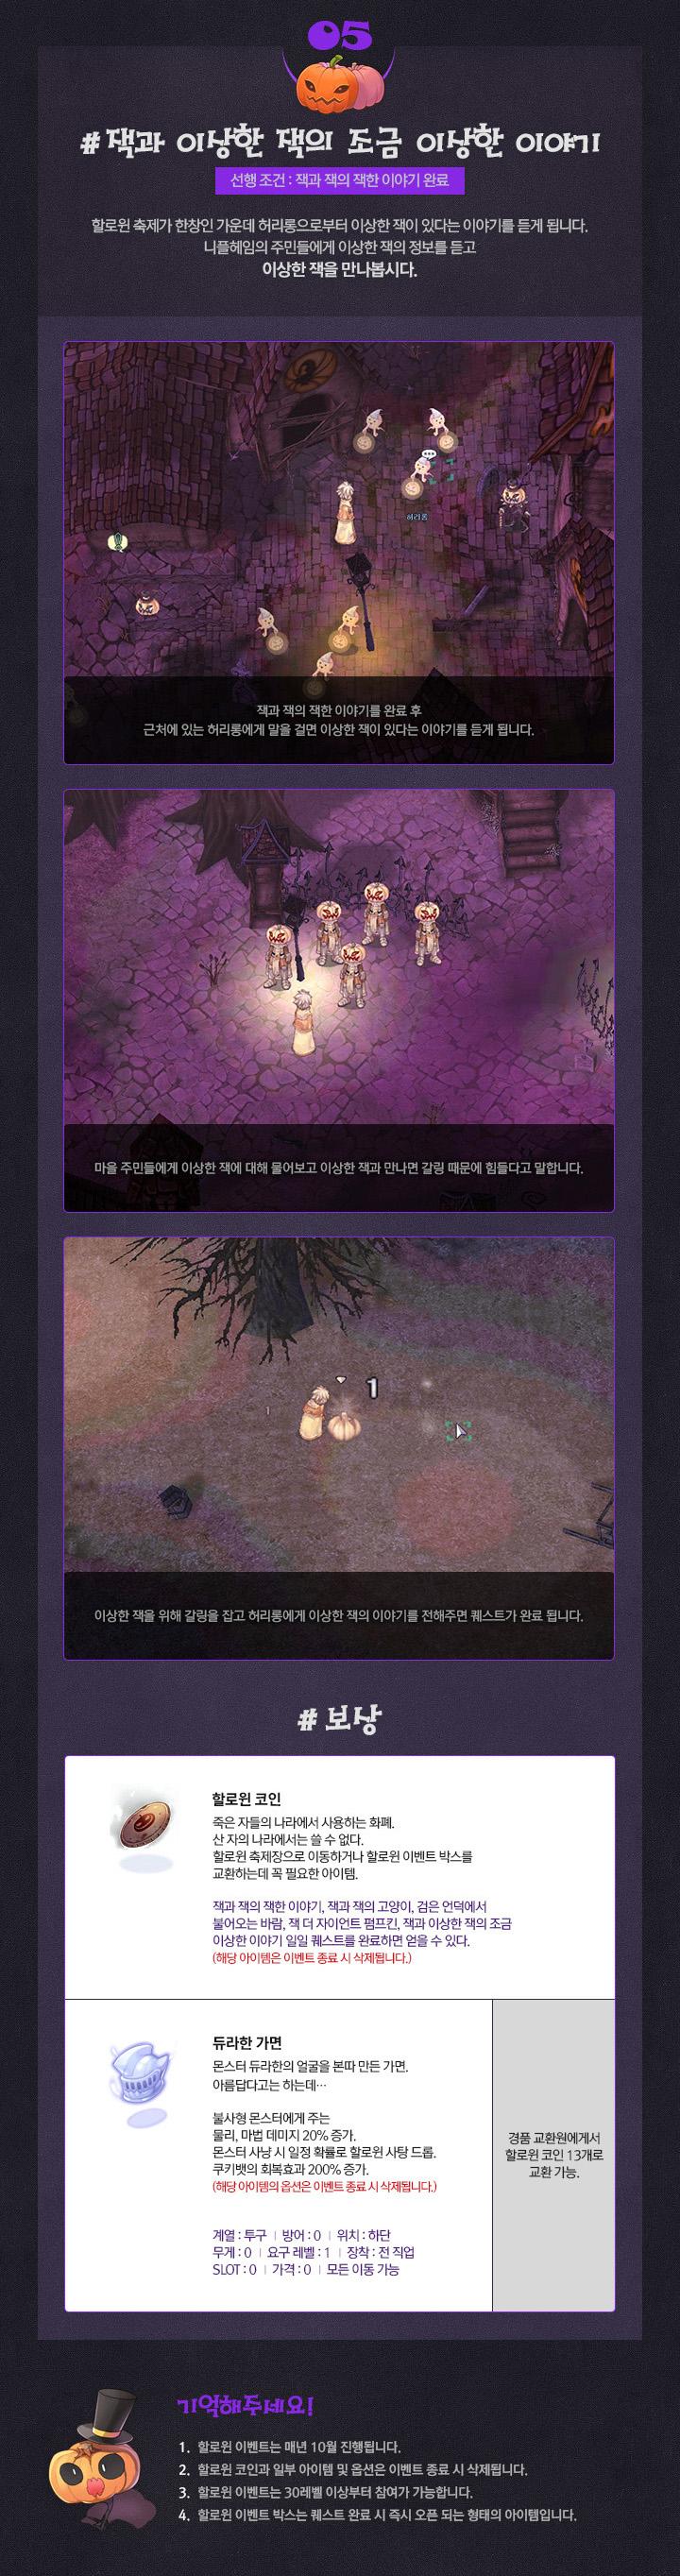 [RO1]_할로윈이벤트 image 5